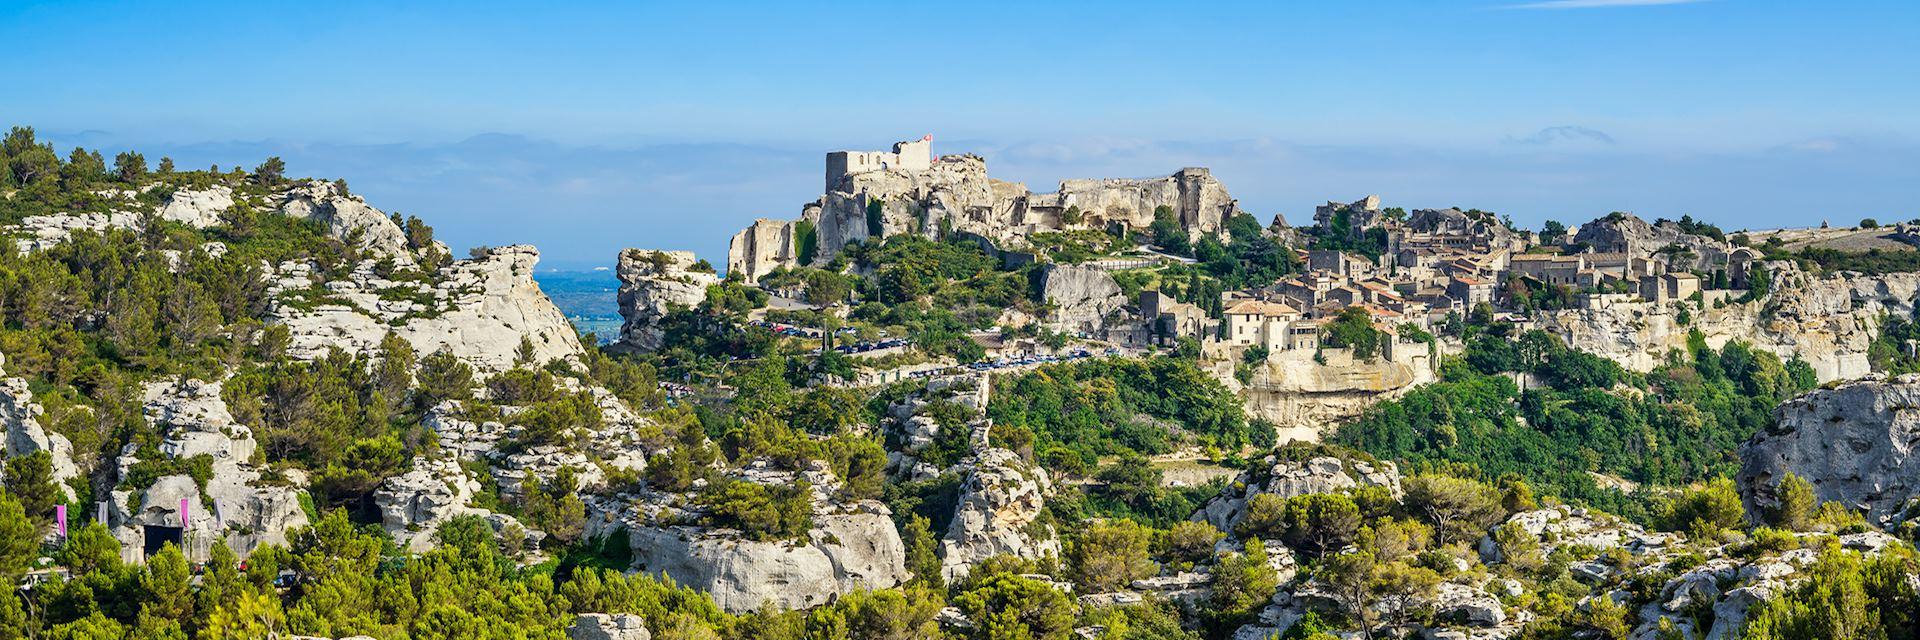 Les-Baux-de-Provence village